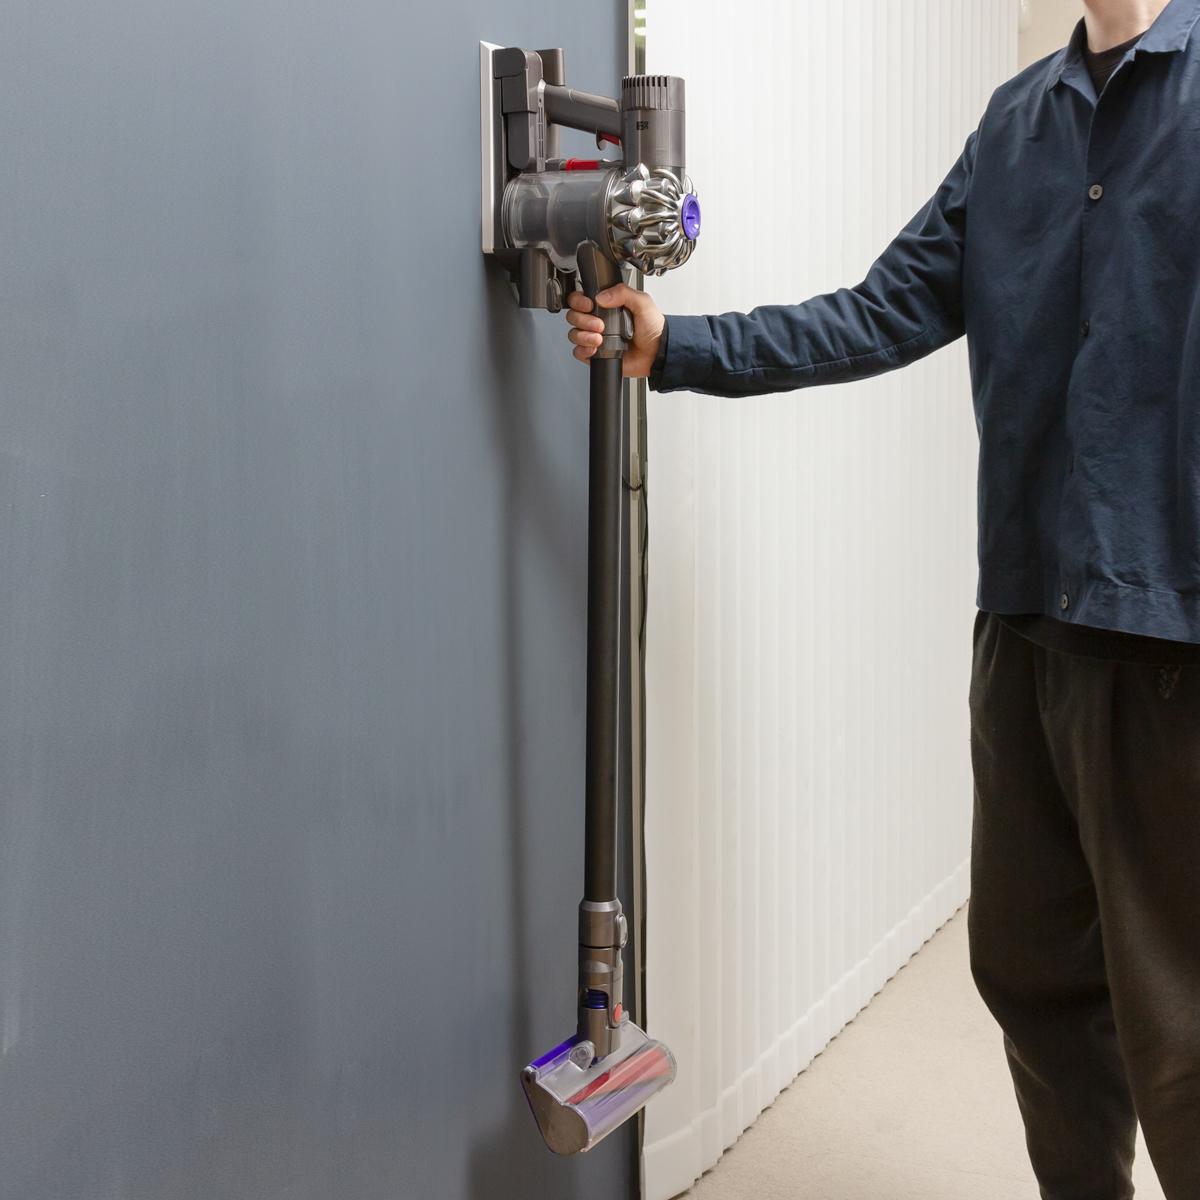 取り付けも簡単、頑丈性は折り紙つき、取り外しもスムーズ。穴が目立たない極細ピンで、コードレス掃除機をスマートに壁掛けできるフック|Pinde(ピンデ)